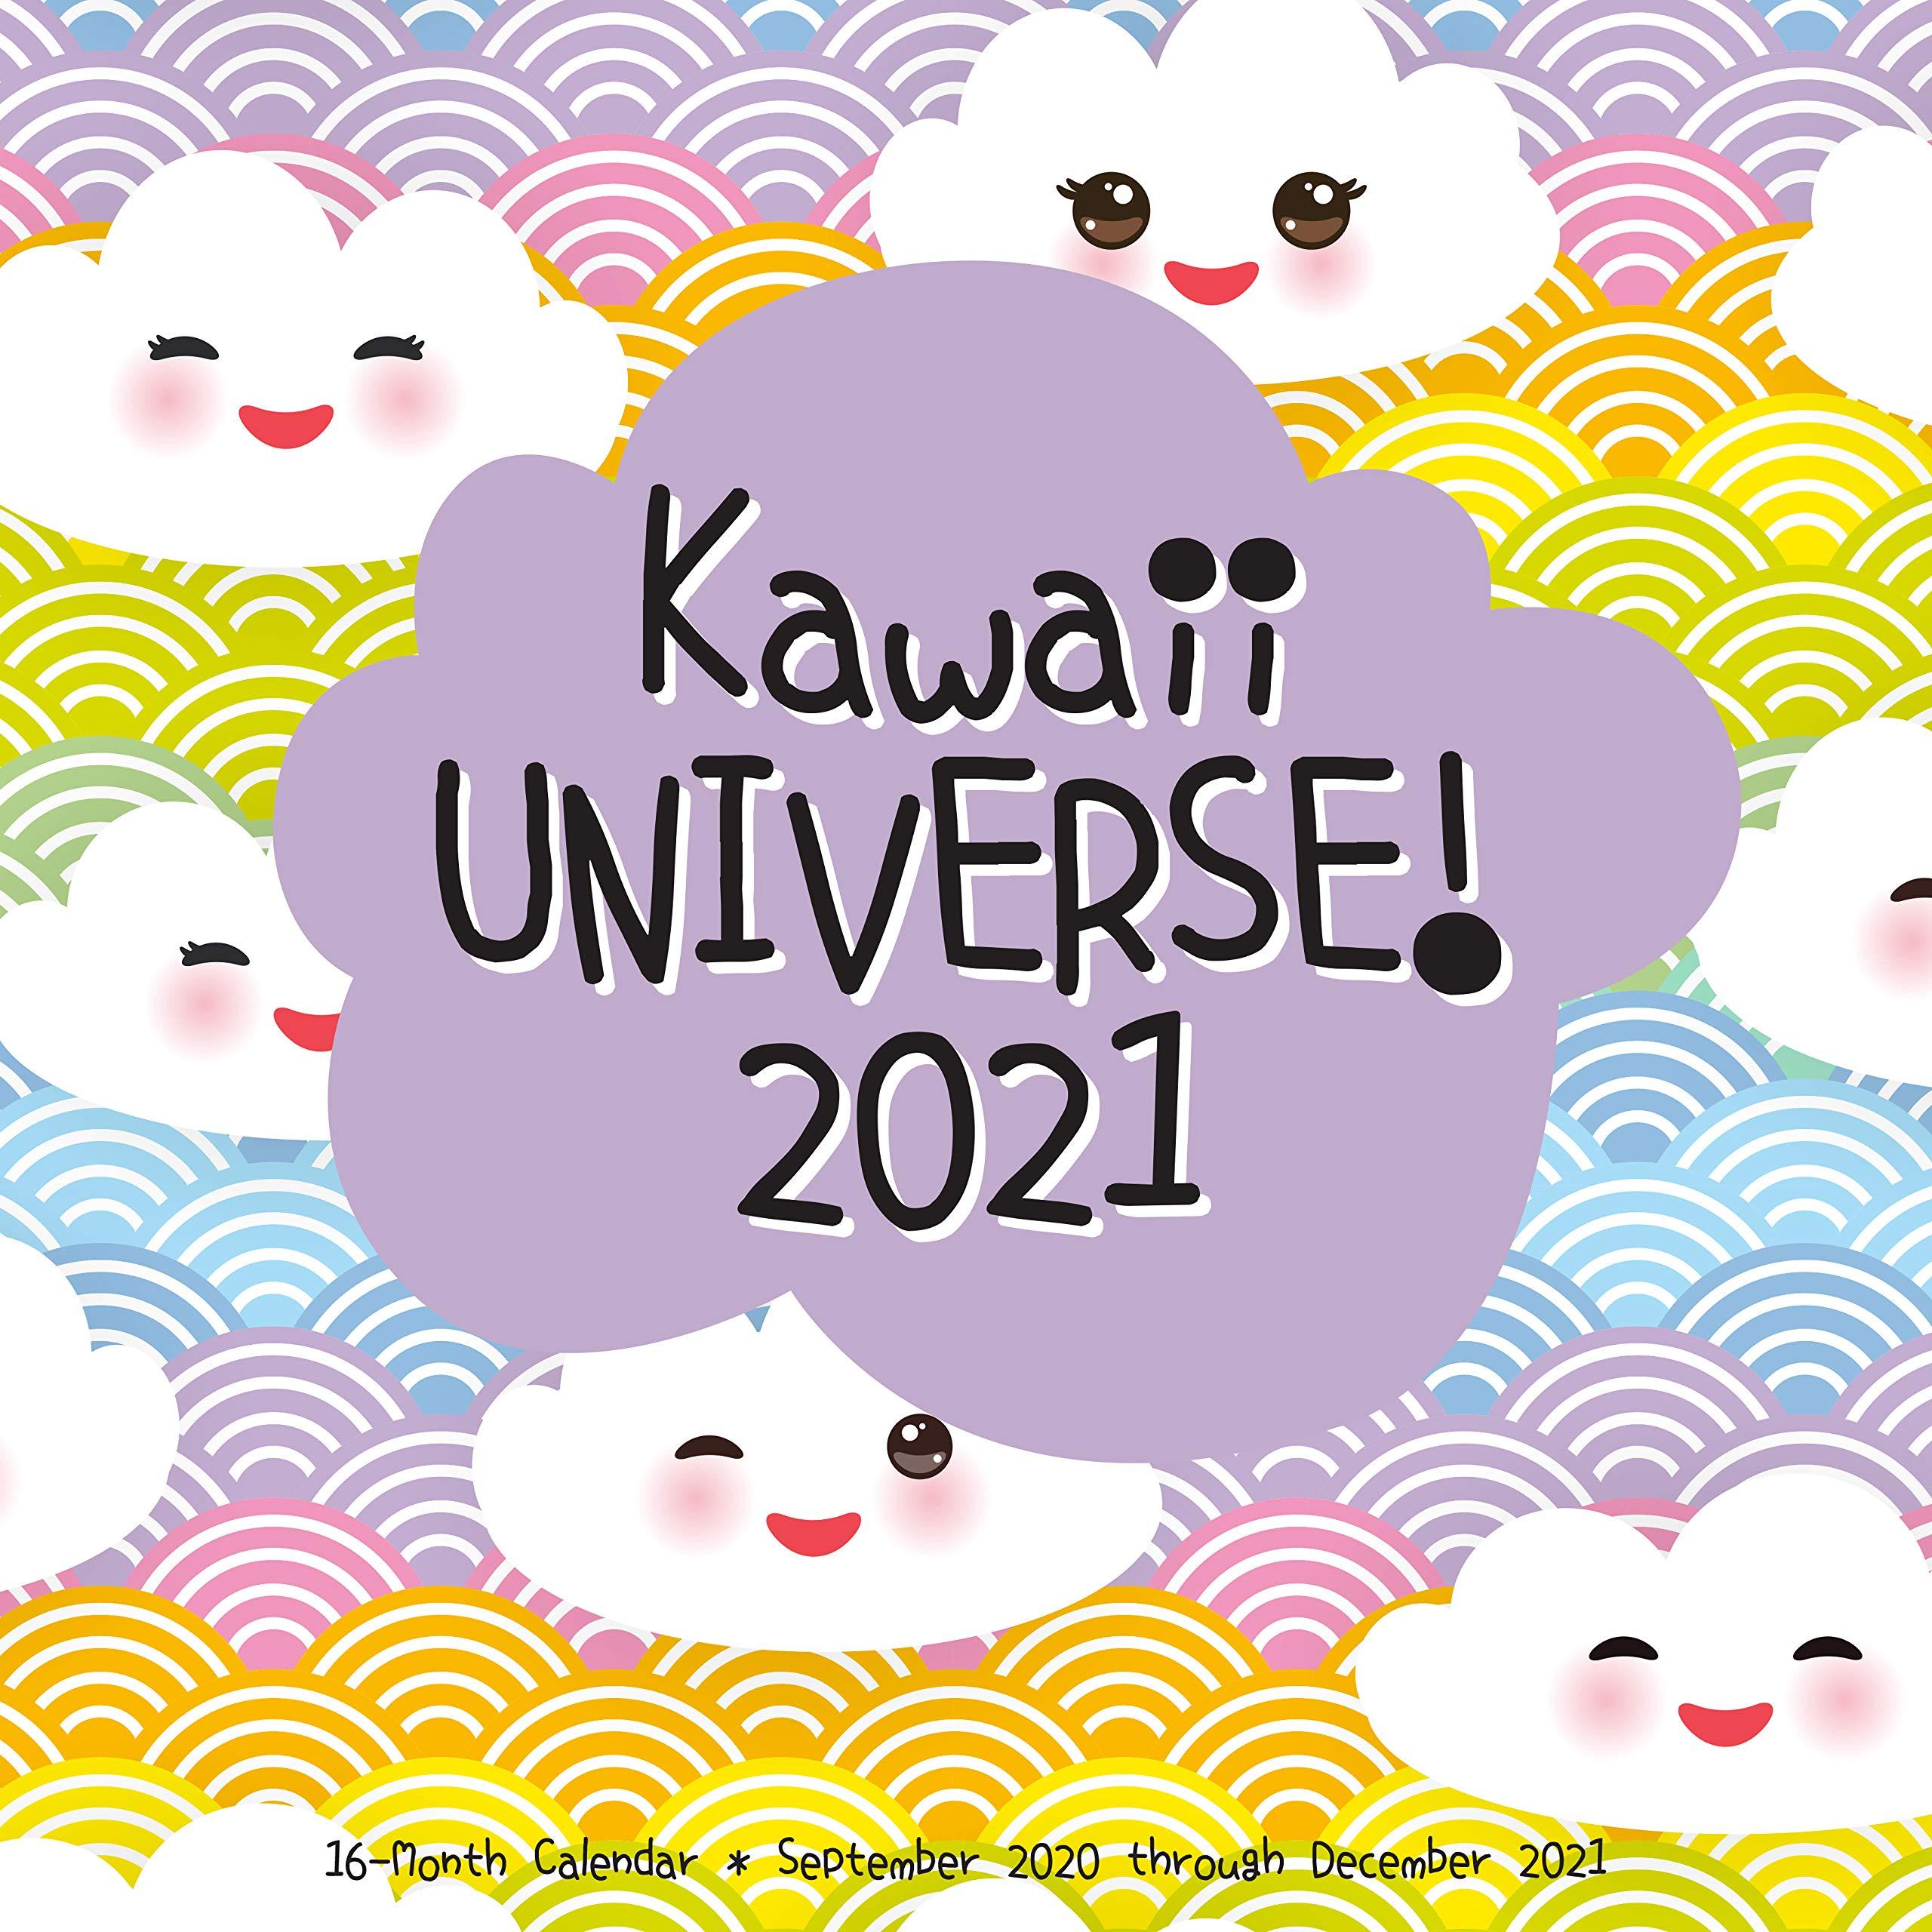 Kawaii Universe! 2021: 16 Month Calendar   September 2020 through